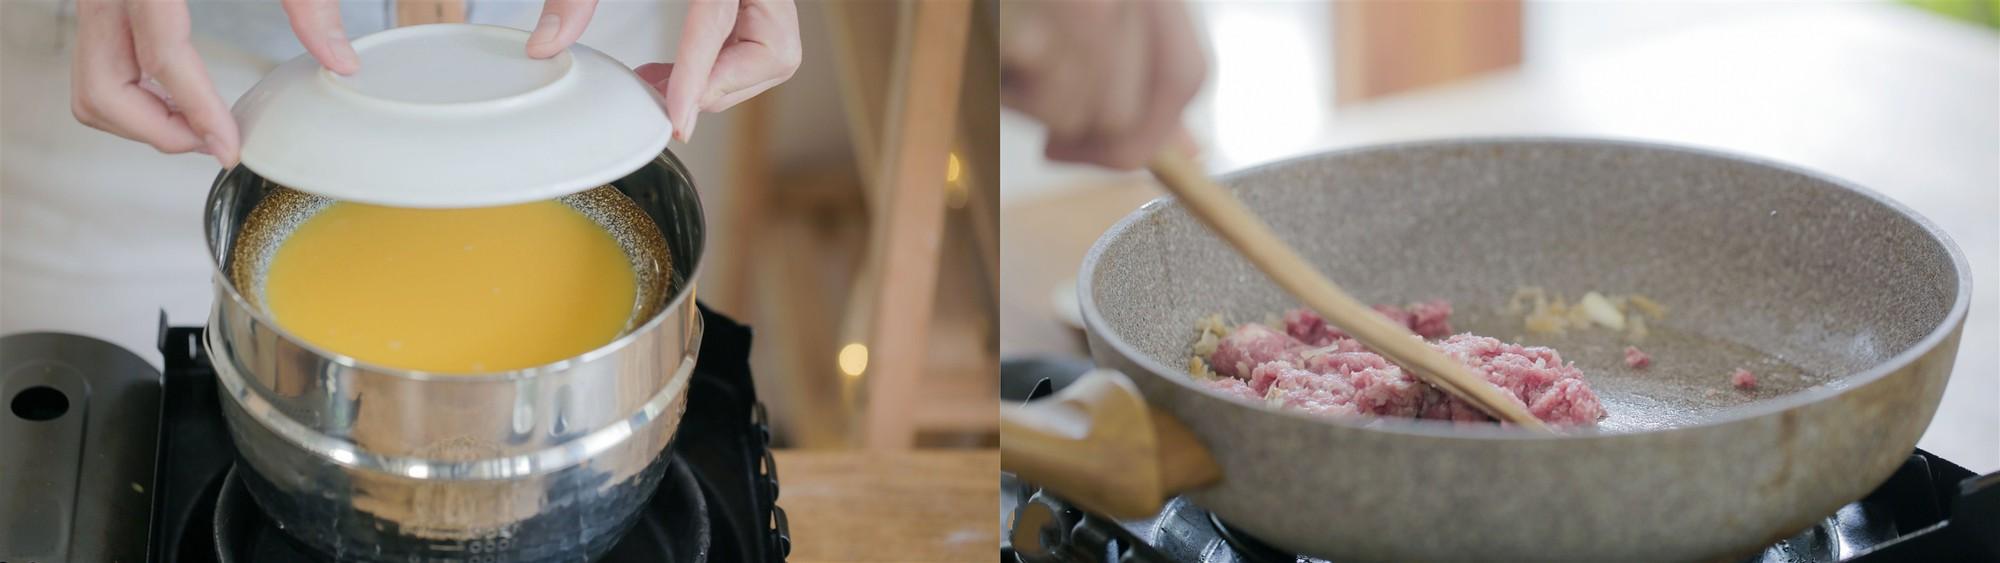 Thêm nước tương và muối vào đảo đều cho thịt thấm gia vị. Sau đó đổ 150ml nước vào chảo thịt, đun sôi nhỏ lửa trong khoảng 6 phút rồi tắt bếp. Lấy đĩa trứng hấp ra, thêm thịt băm đã xào lên trên cùng với hành lá thái nhỏ là hoàn thành.